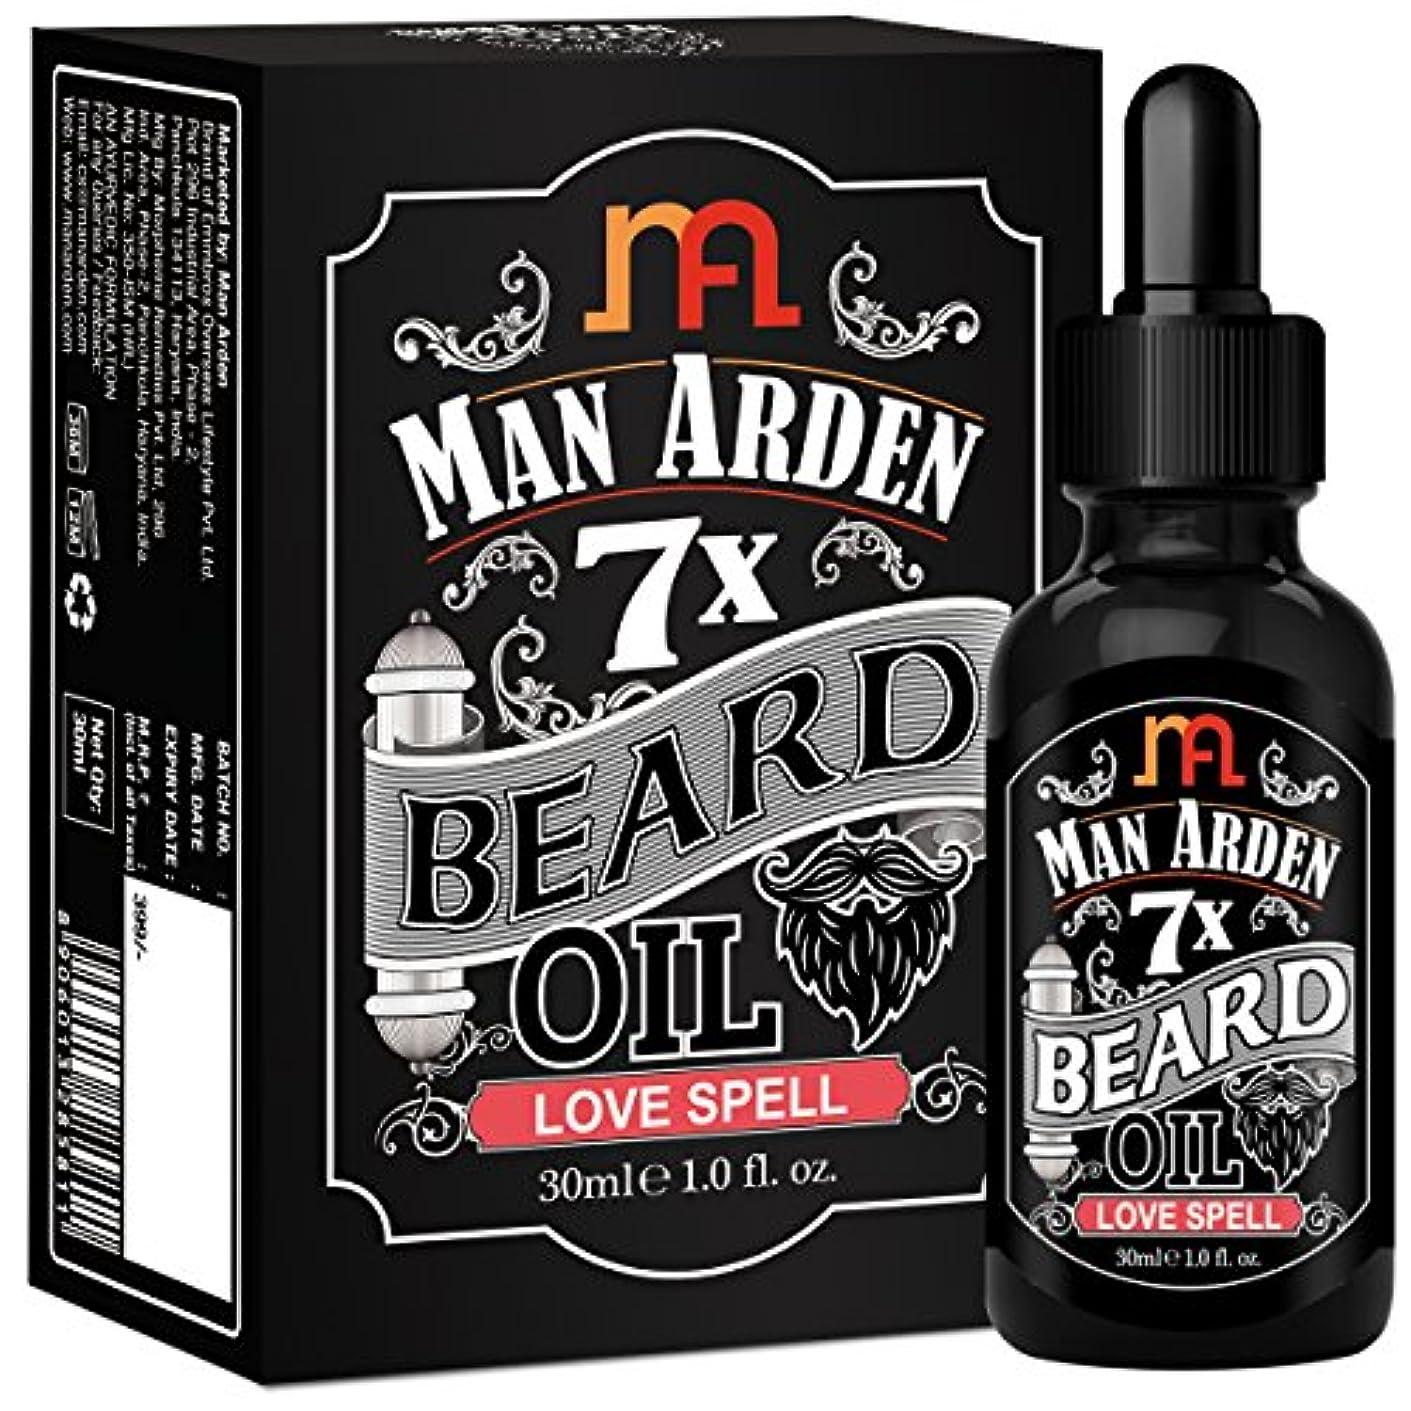 通路コンテスト歯痛Man Arden 7X Beard Oil 30ml (Love Spell) - 7 Premium Oils Blend For Beard Growth & Nourishment